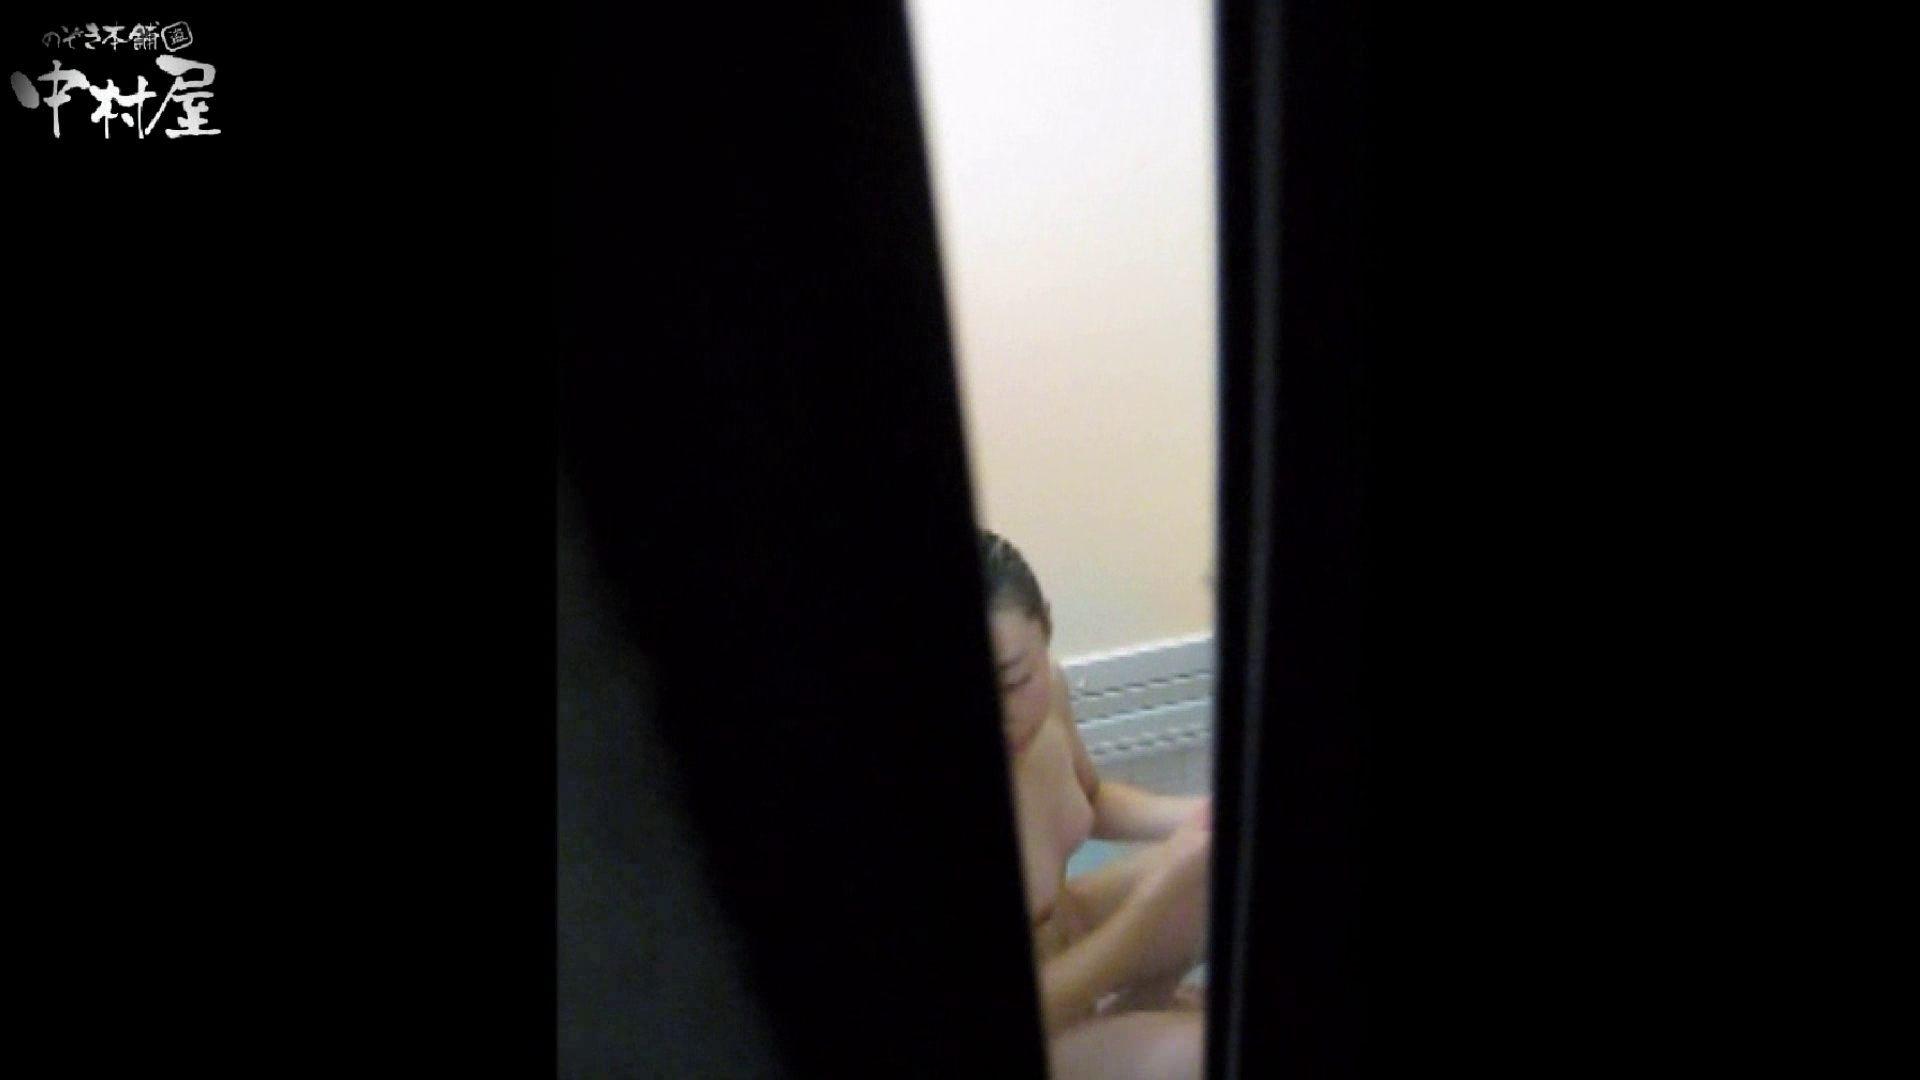 民家風呂専門盗撮師の超危険映像 vol.006 盗撮 ヌード画像 109連発 15